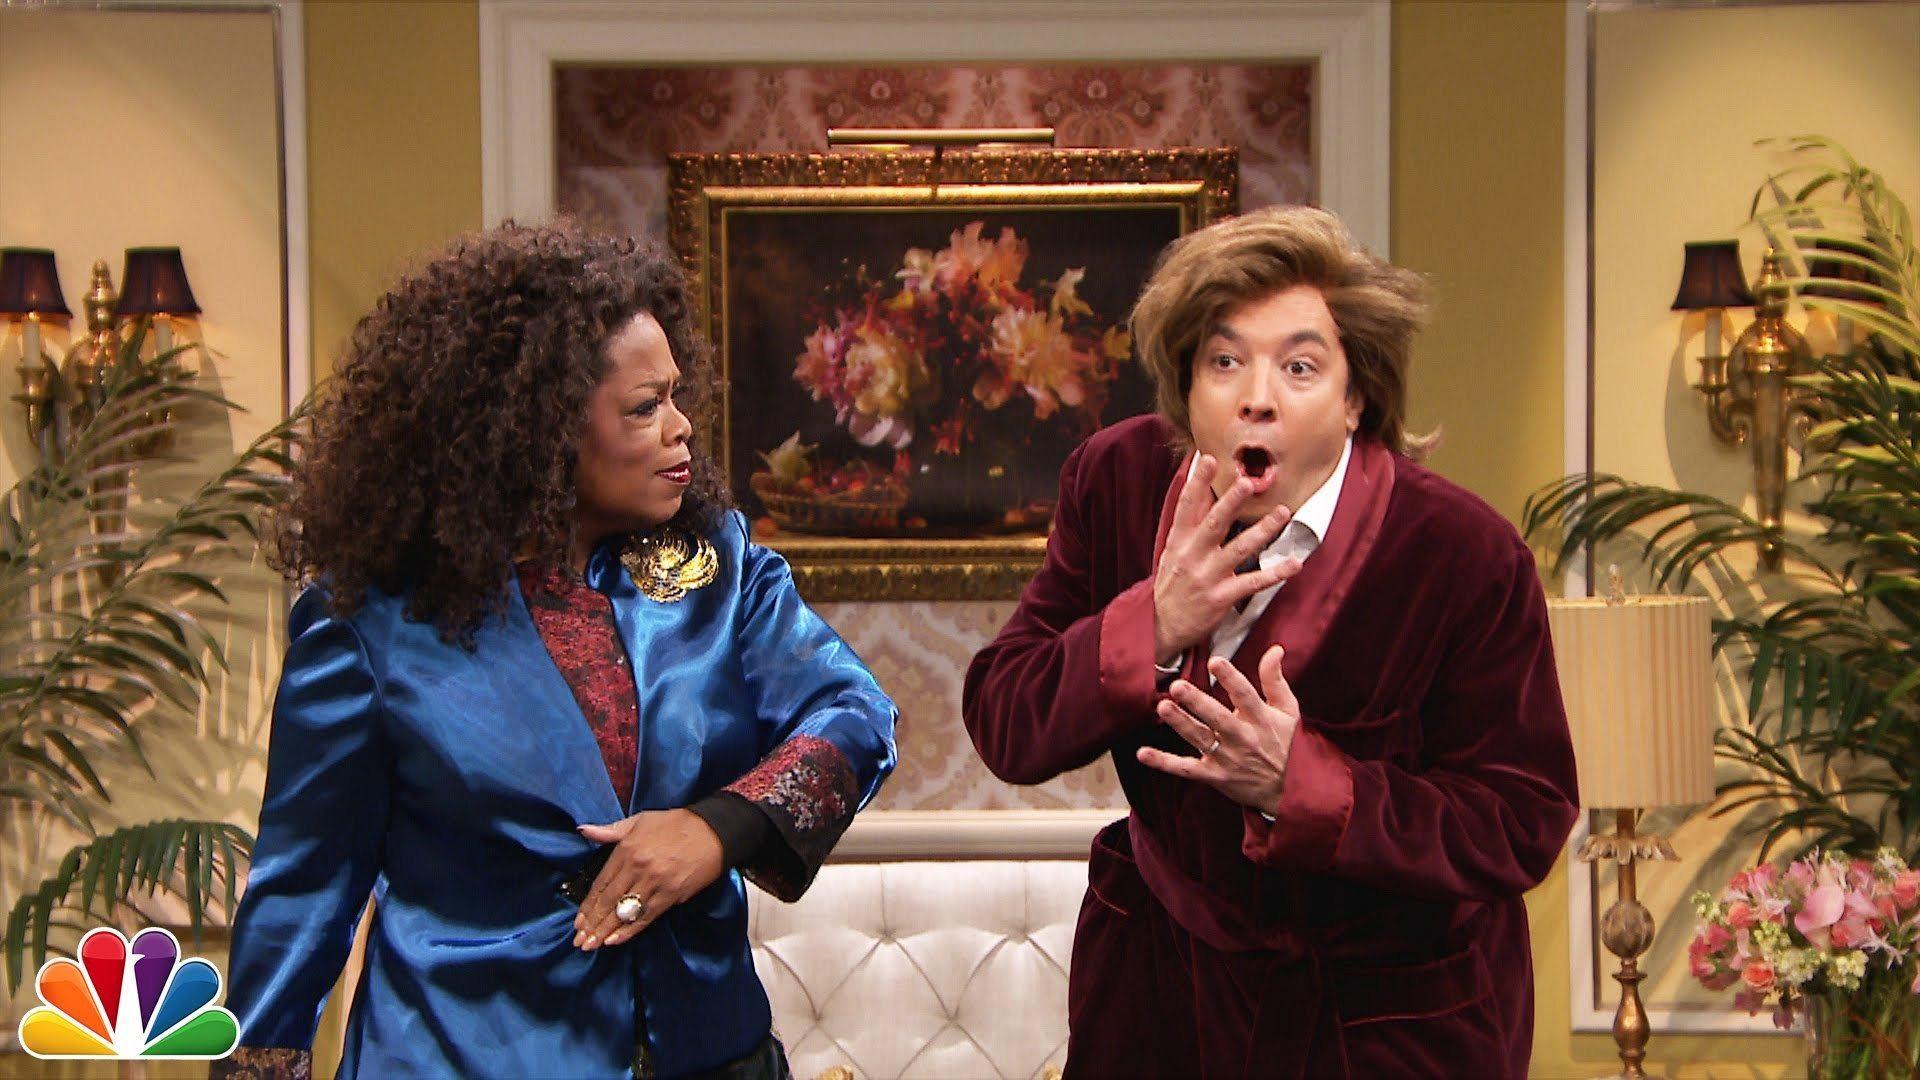 Watch Jimmy Fallon And Oprah Winfrey Mesh Autotune Into A Classic Soap Opera Skit